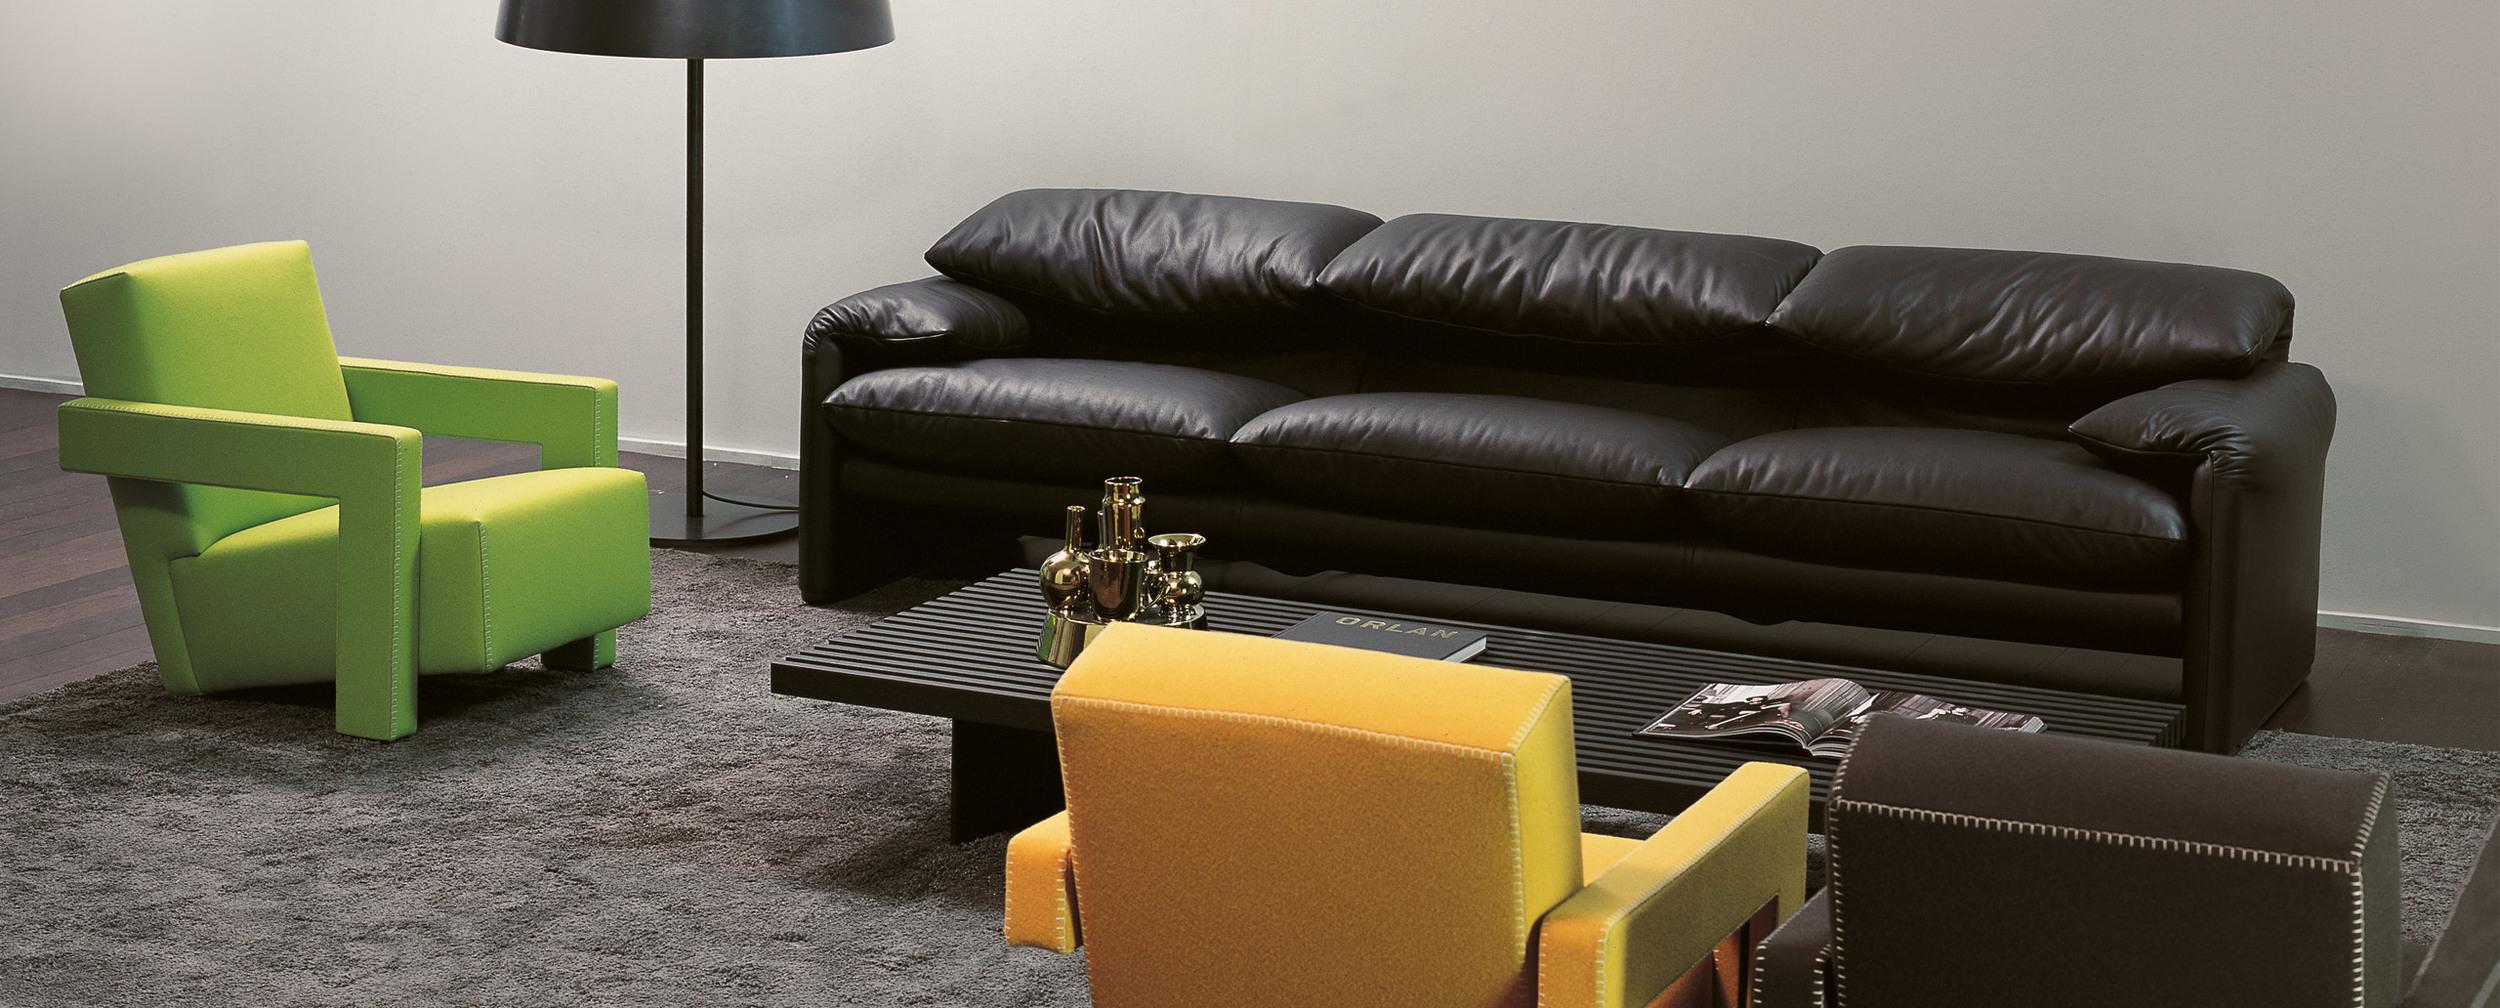 675_maralunga_7 Cassina Loncin design meubel zetel Leuven Brussels mechelen antwerpen vlaams-branbant Limburg Hasselt Tongeren Genk Sint-Truiden Zoutleeuw.jpg